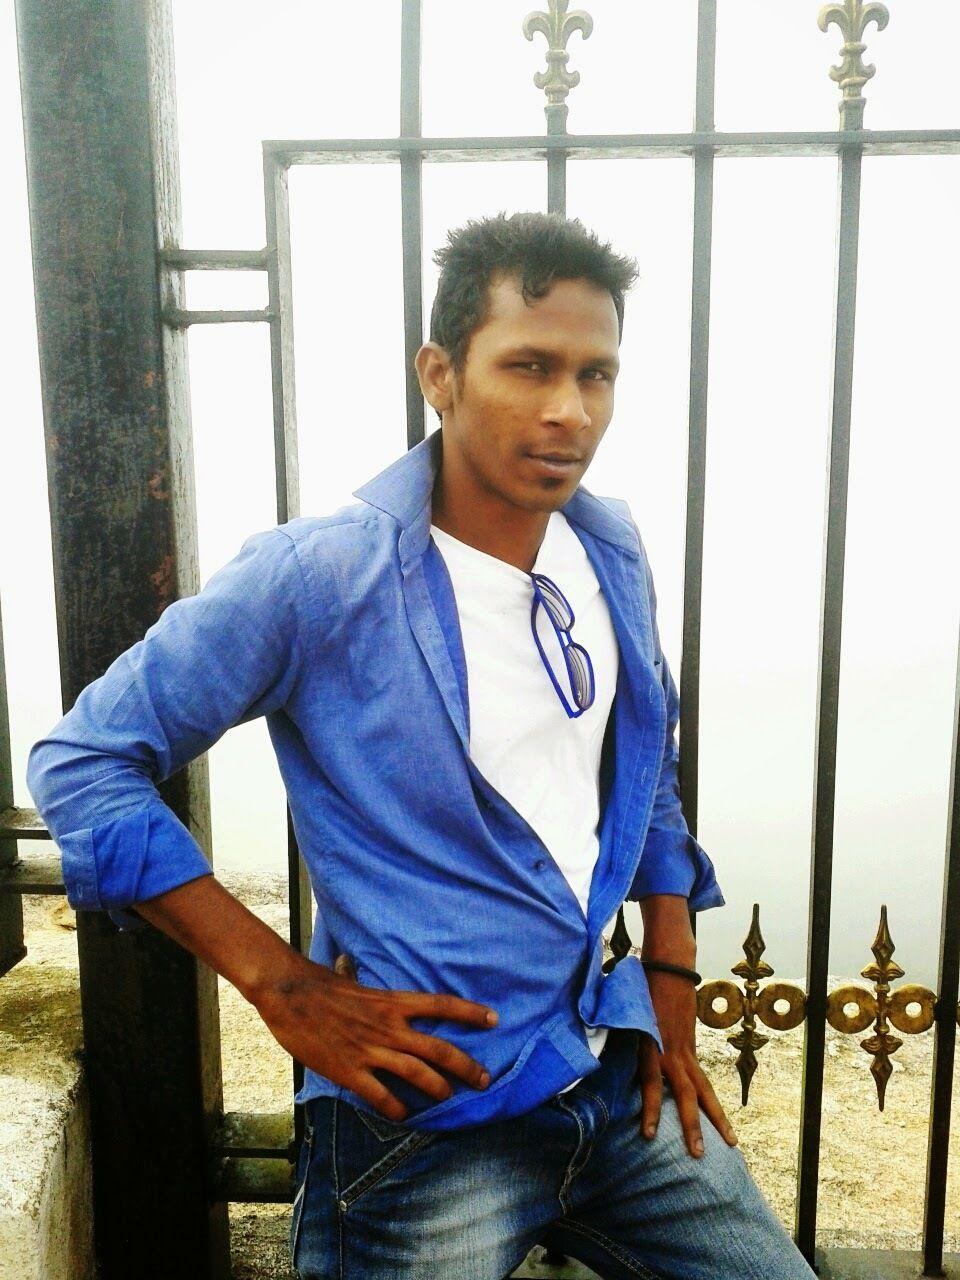 Club de rencontres à Bangalore fille drôle datant chemises